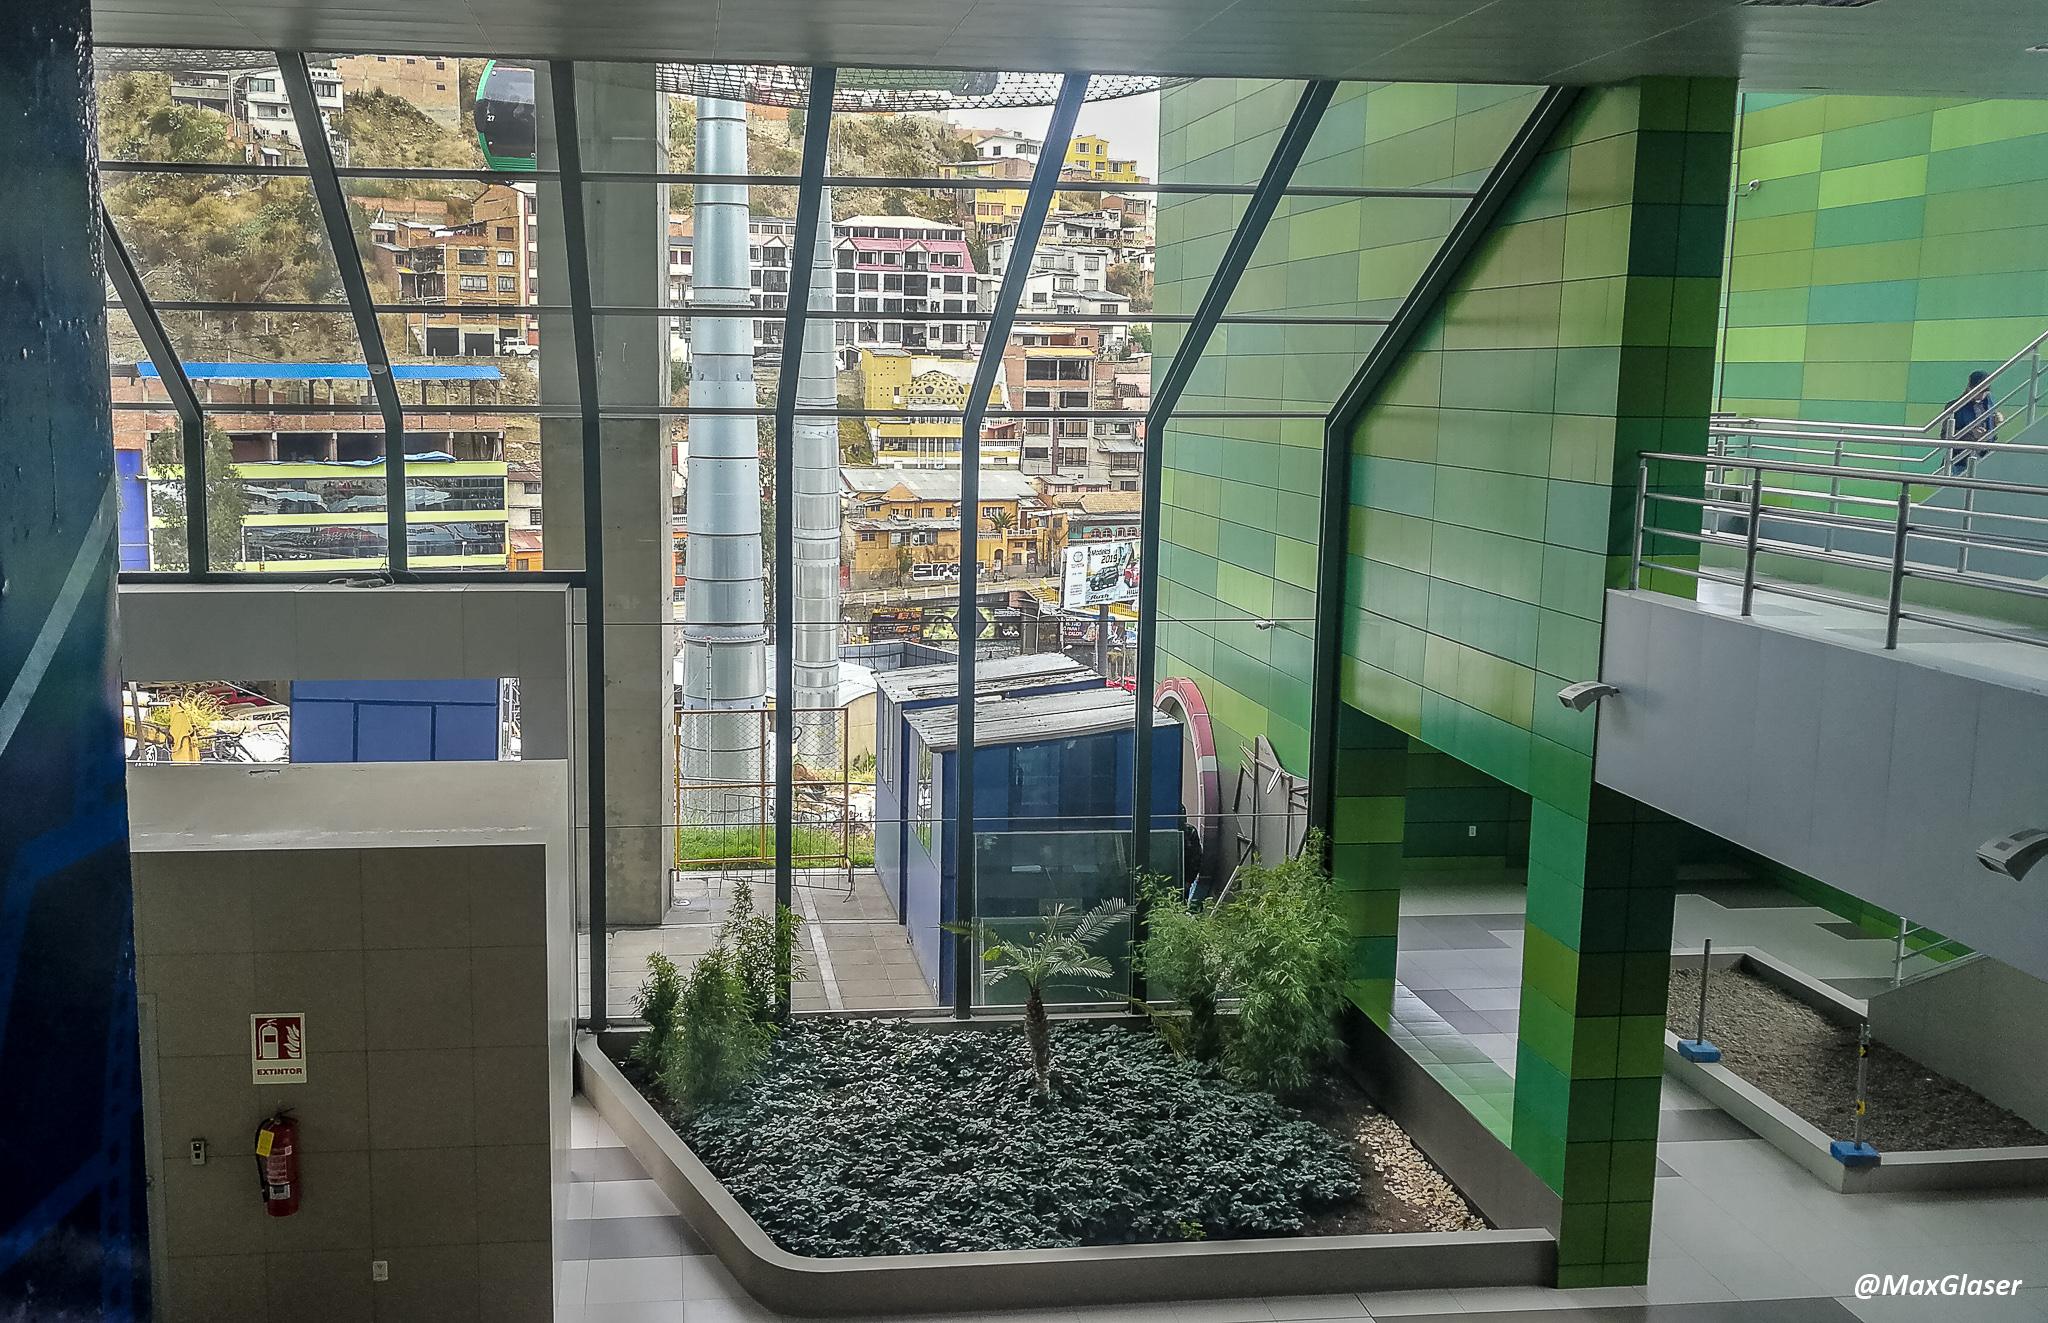 Estación Curva de Olguin - Linea Verde